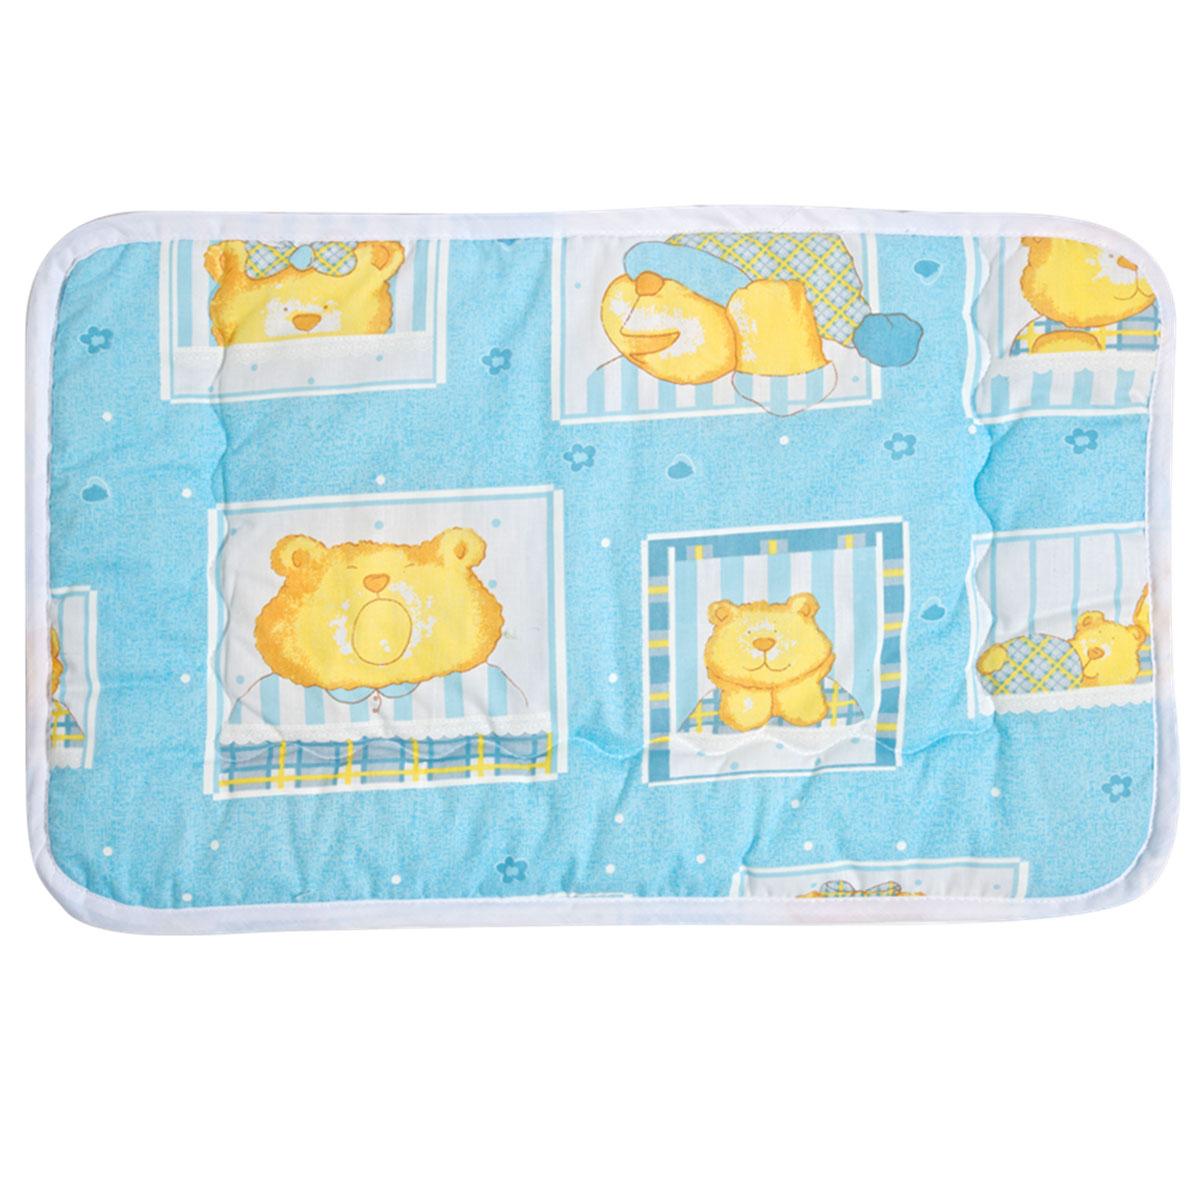 """Детская подушка Primavelle """"Fani"""" предназначена для самых маленьких. Чехол подушки выполнен из хлопка. В качестве наполнителя использован гипоаллергенный экофайбер. Такая подушка отлично подойдет для отдыха ребенка в кроватке и во время прогулки в коляске."""